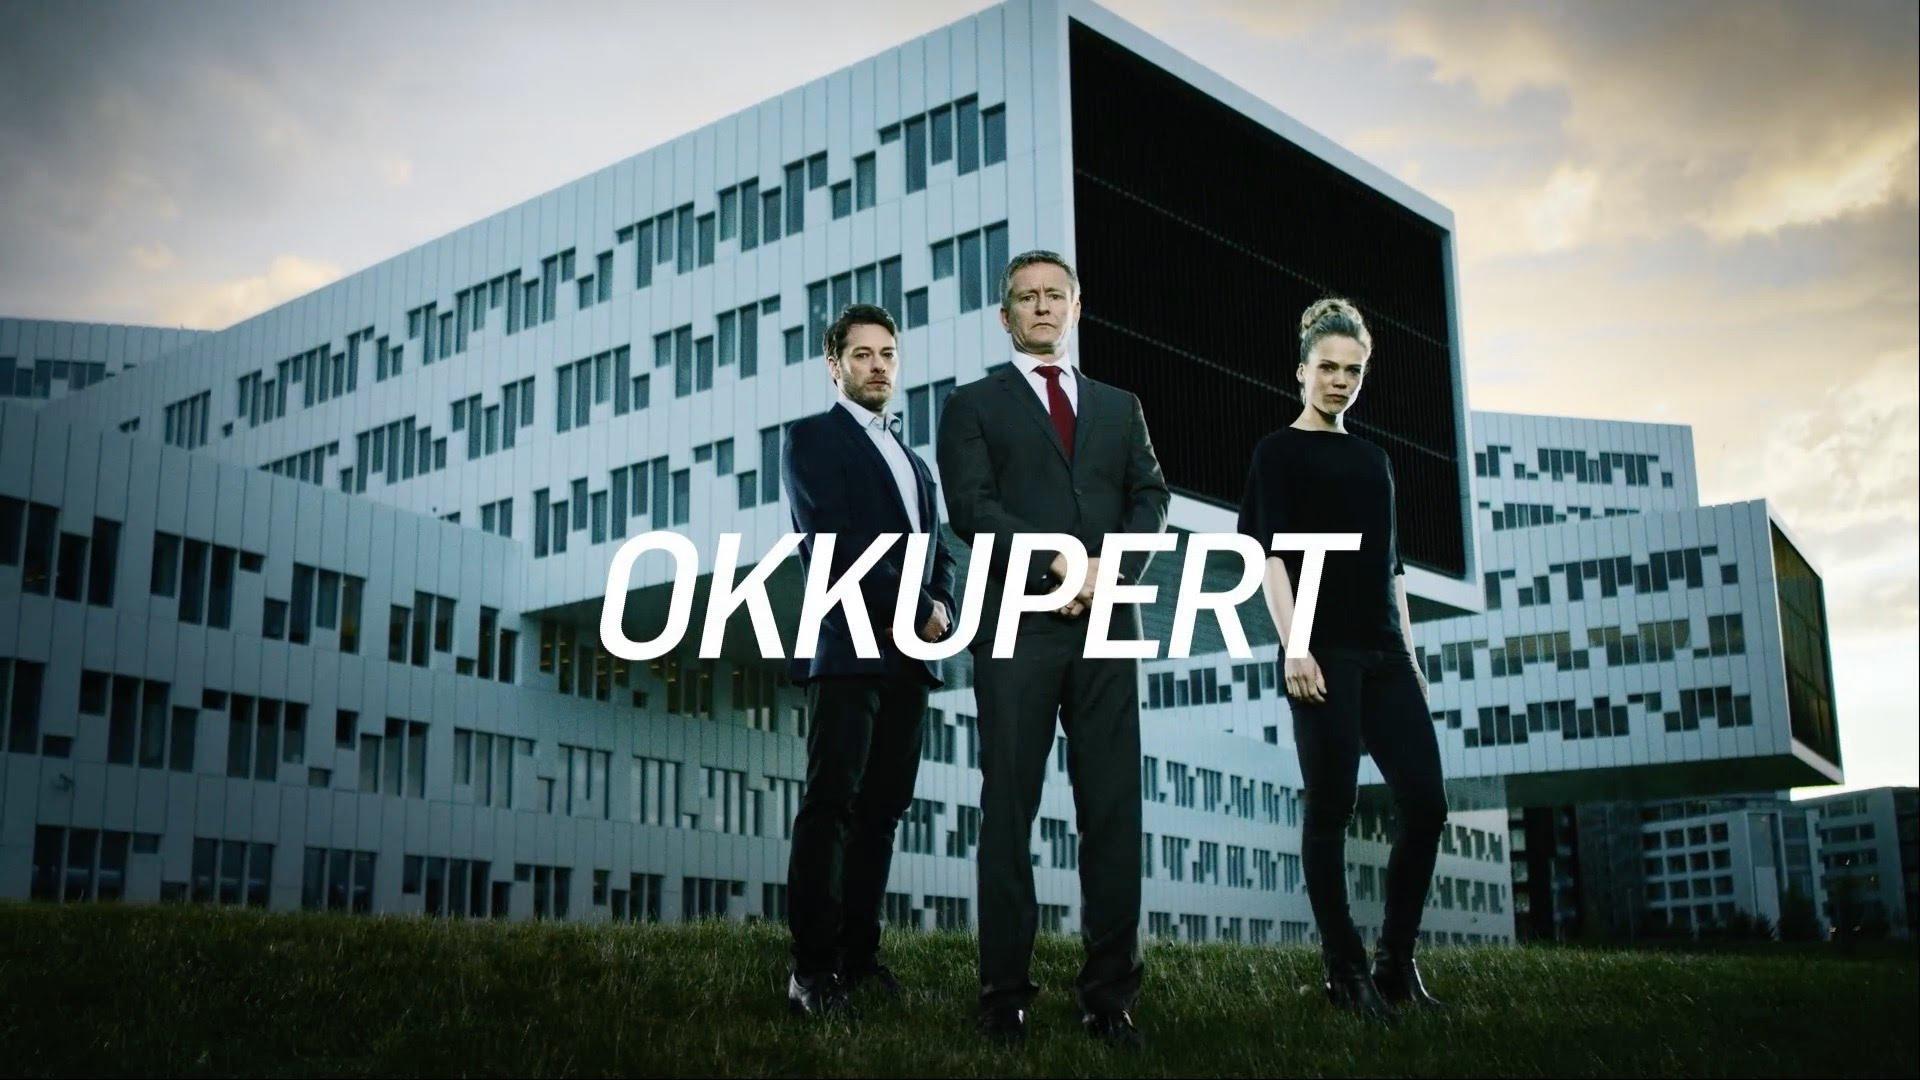 Okkupert (Occupied en anglais), une série norvégienne créée par Karianne Lund, Jo Nesbø et Erik Skjoldbærg, deux saisons disponibles en DVD et Blu-Ray avec sous-titres français.